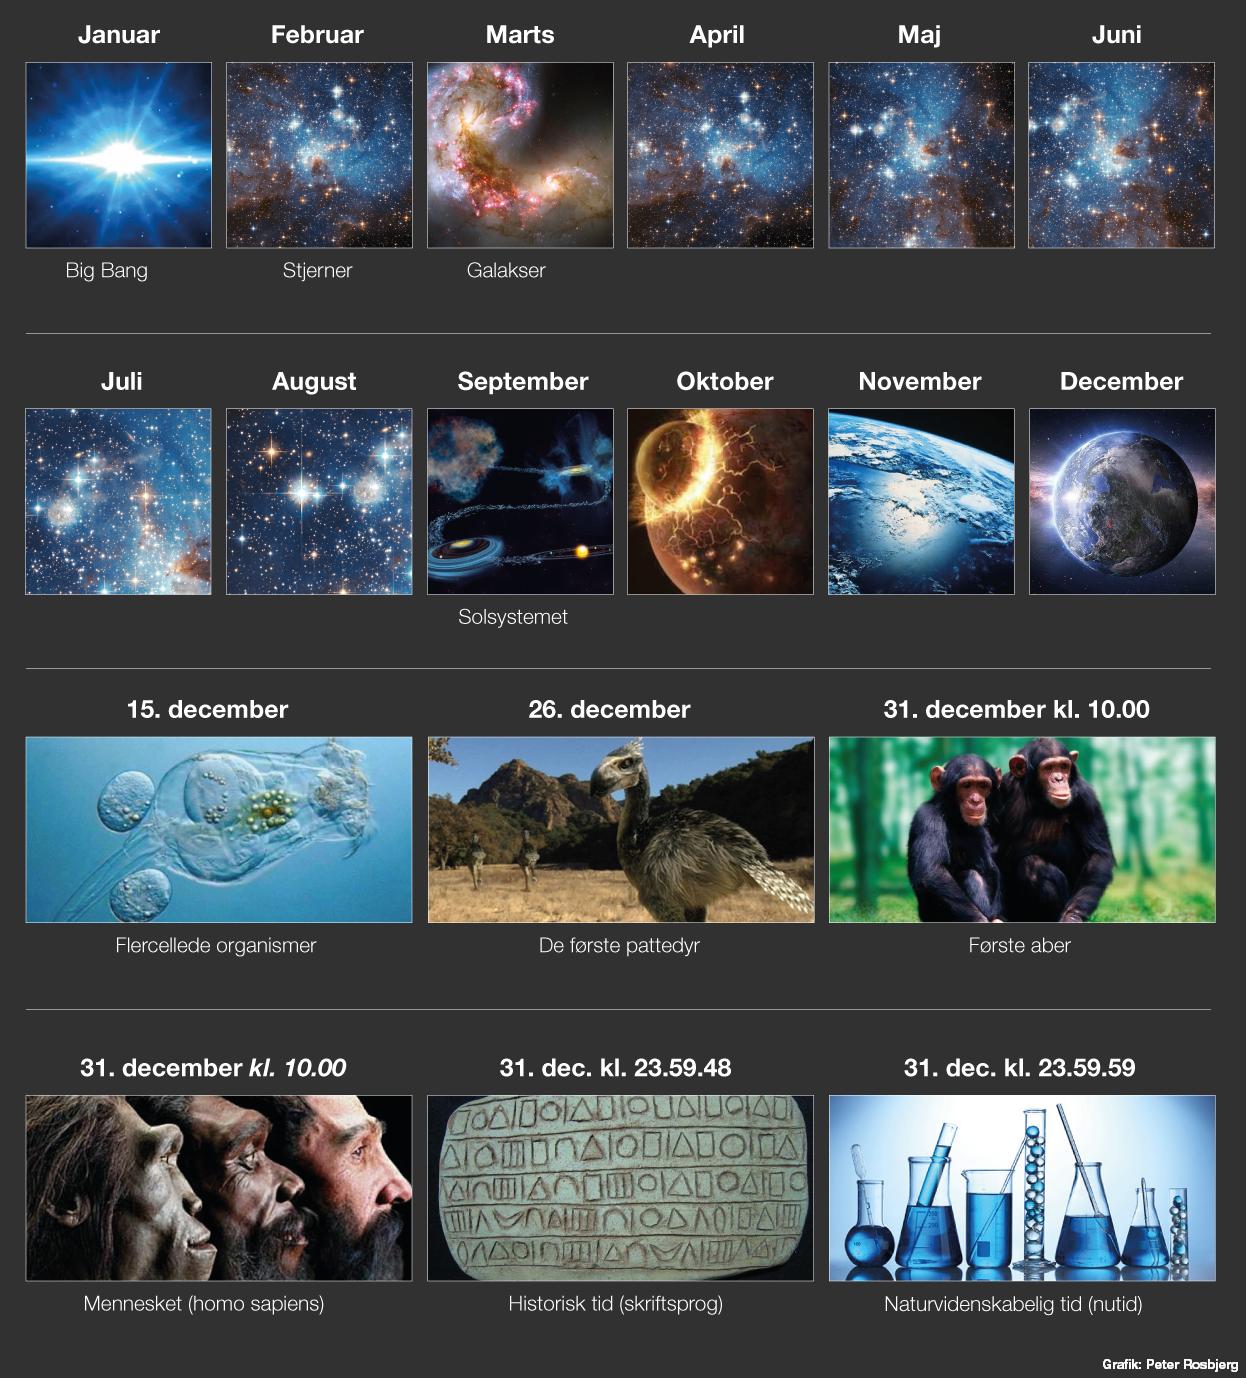 Kosmologisk tidslinje